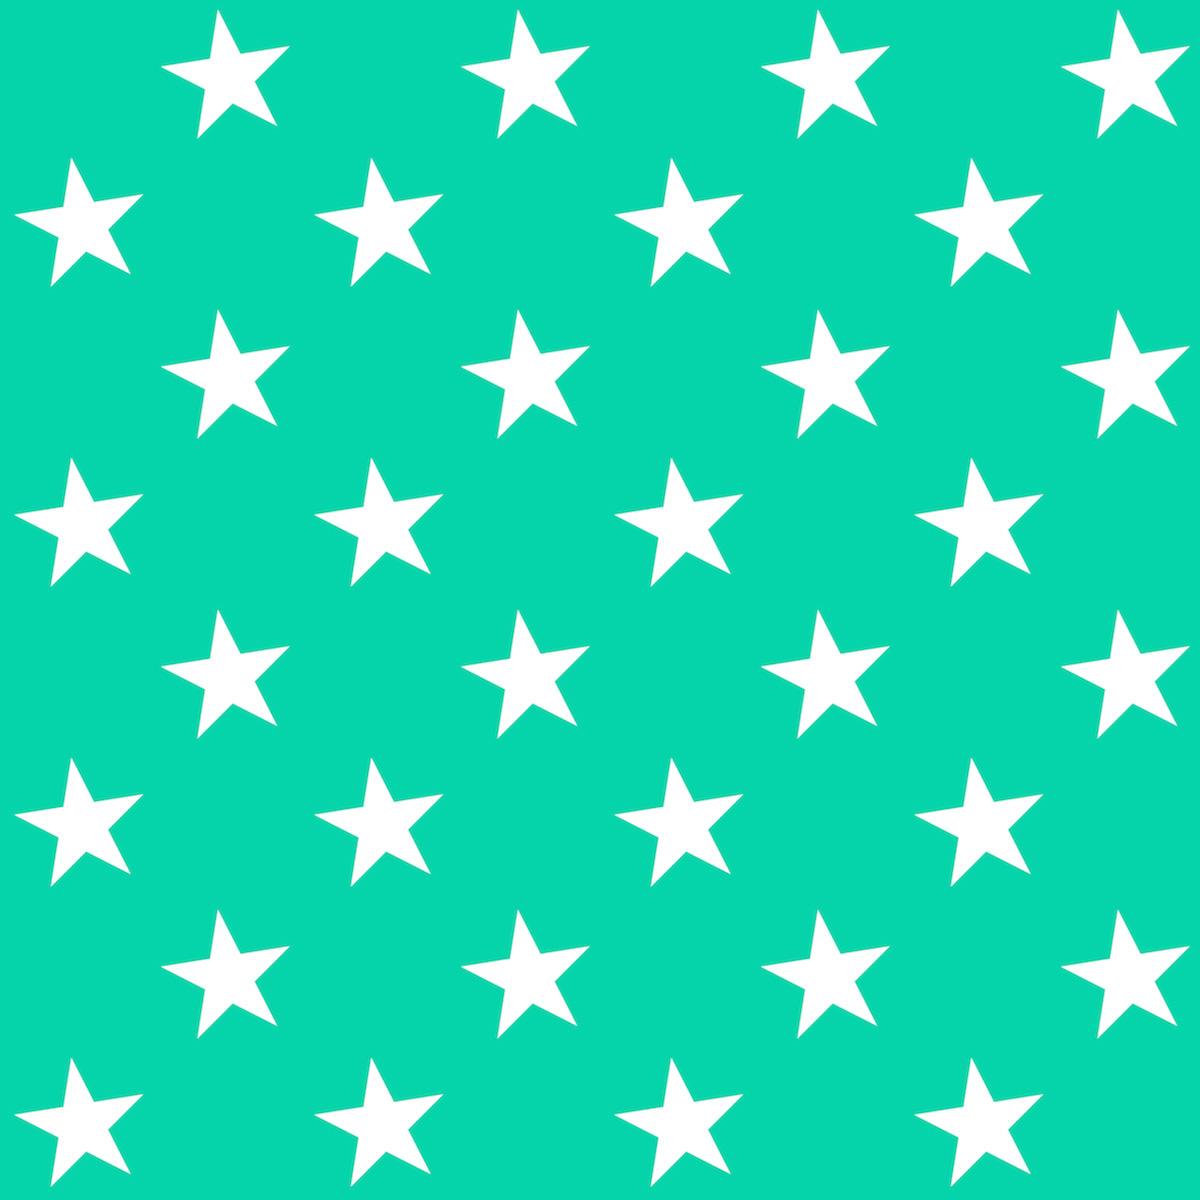 Free digital star scrapbooking paper - ausdruckbares Geschenkpapier ...